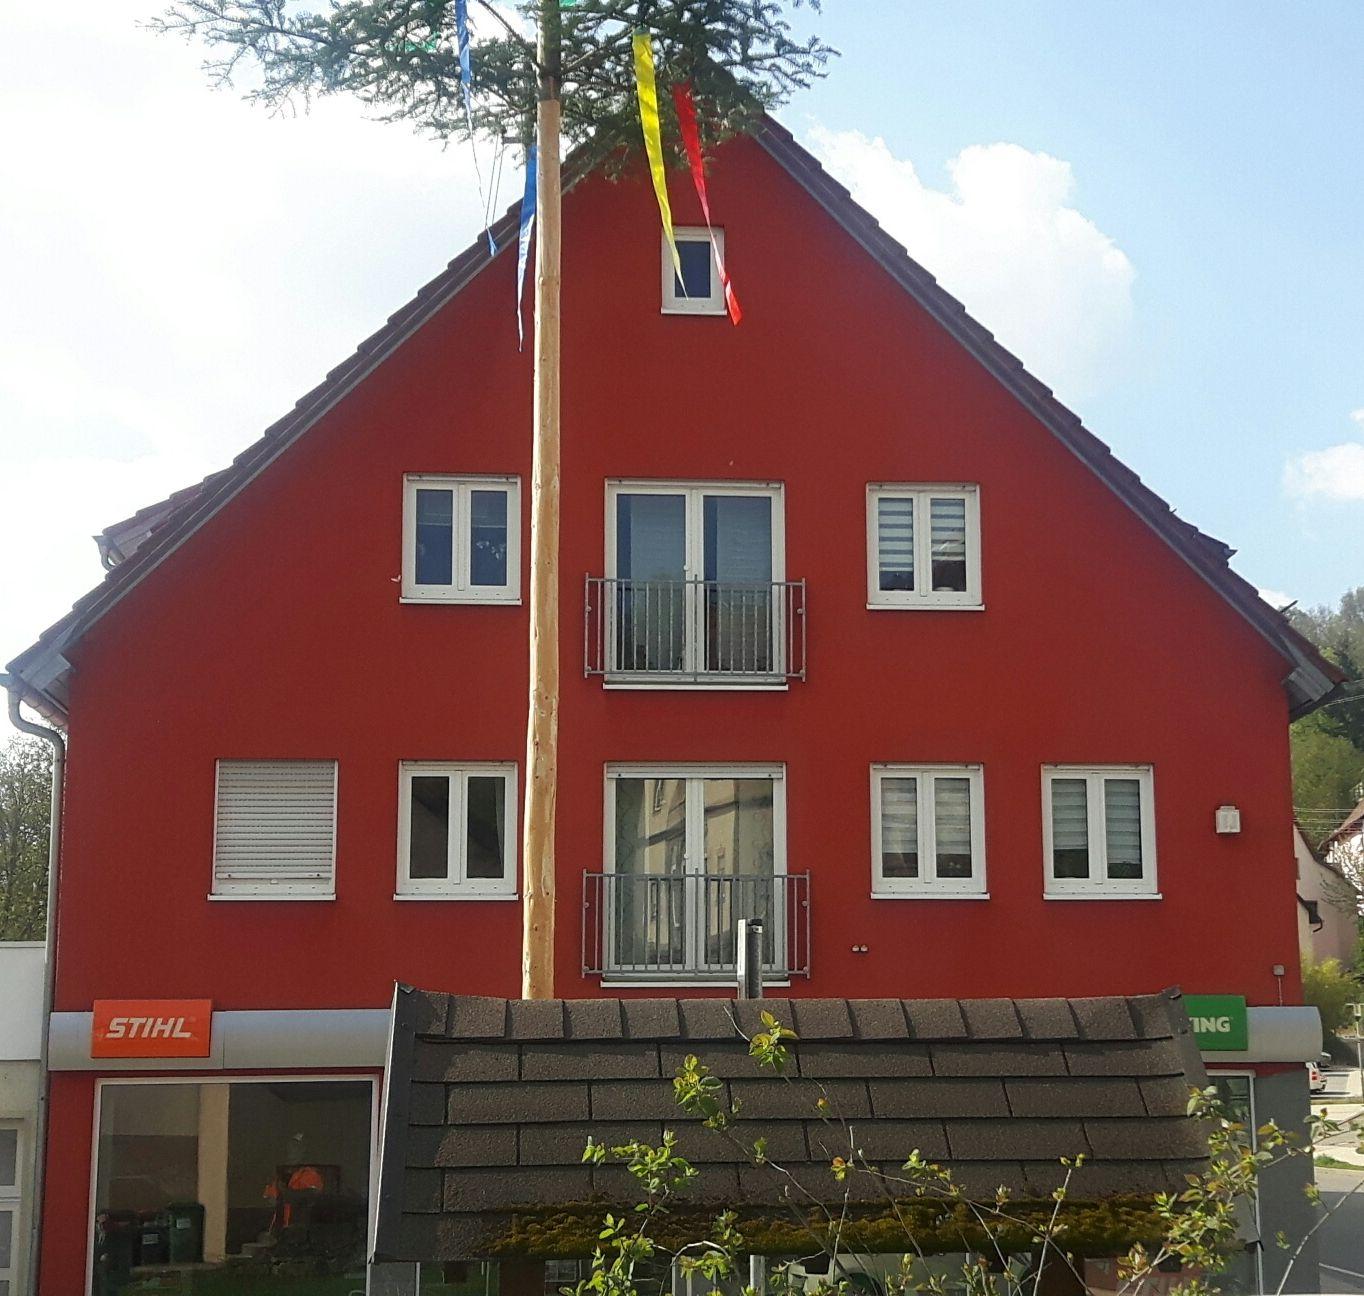 Eine Fassade Sieht Rot Und Bleibt Rot Stuckateur Lamparth